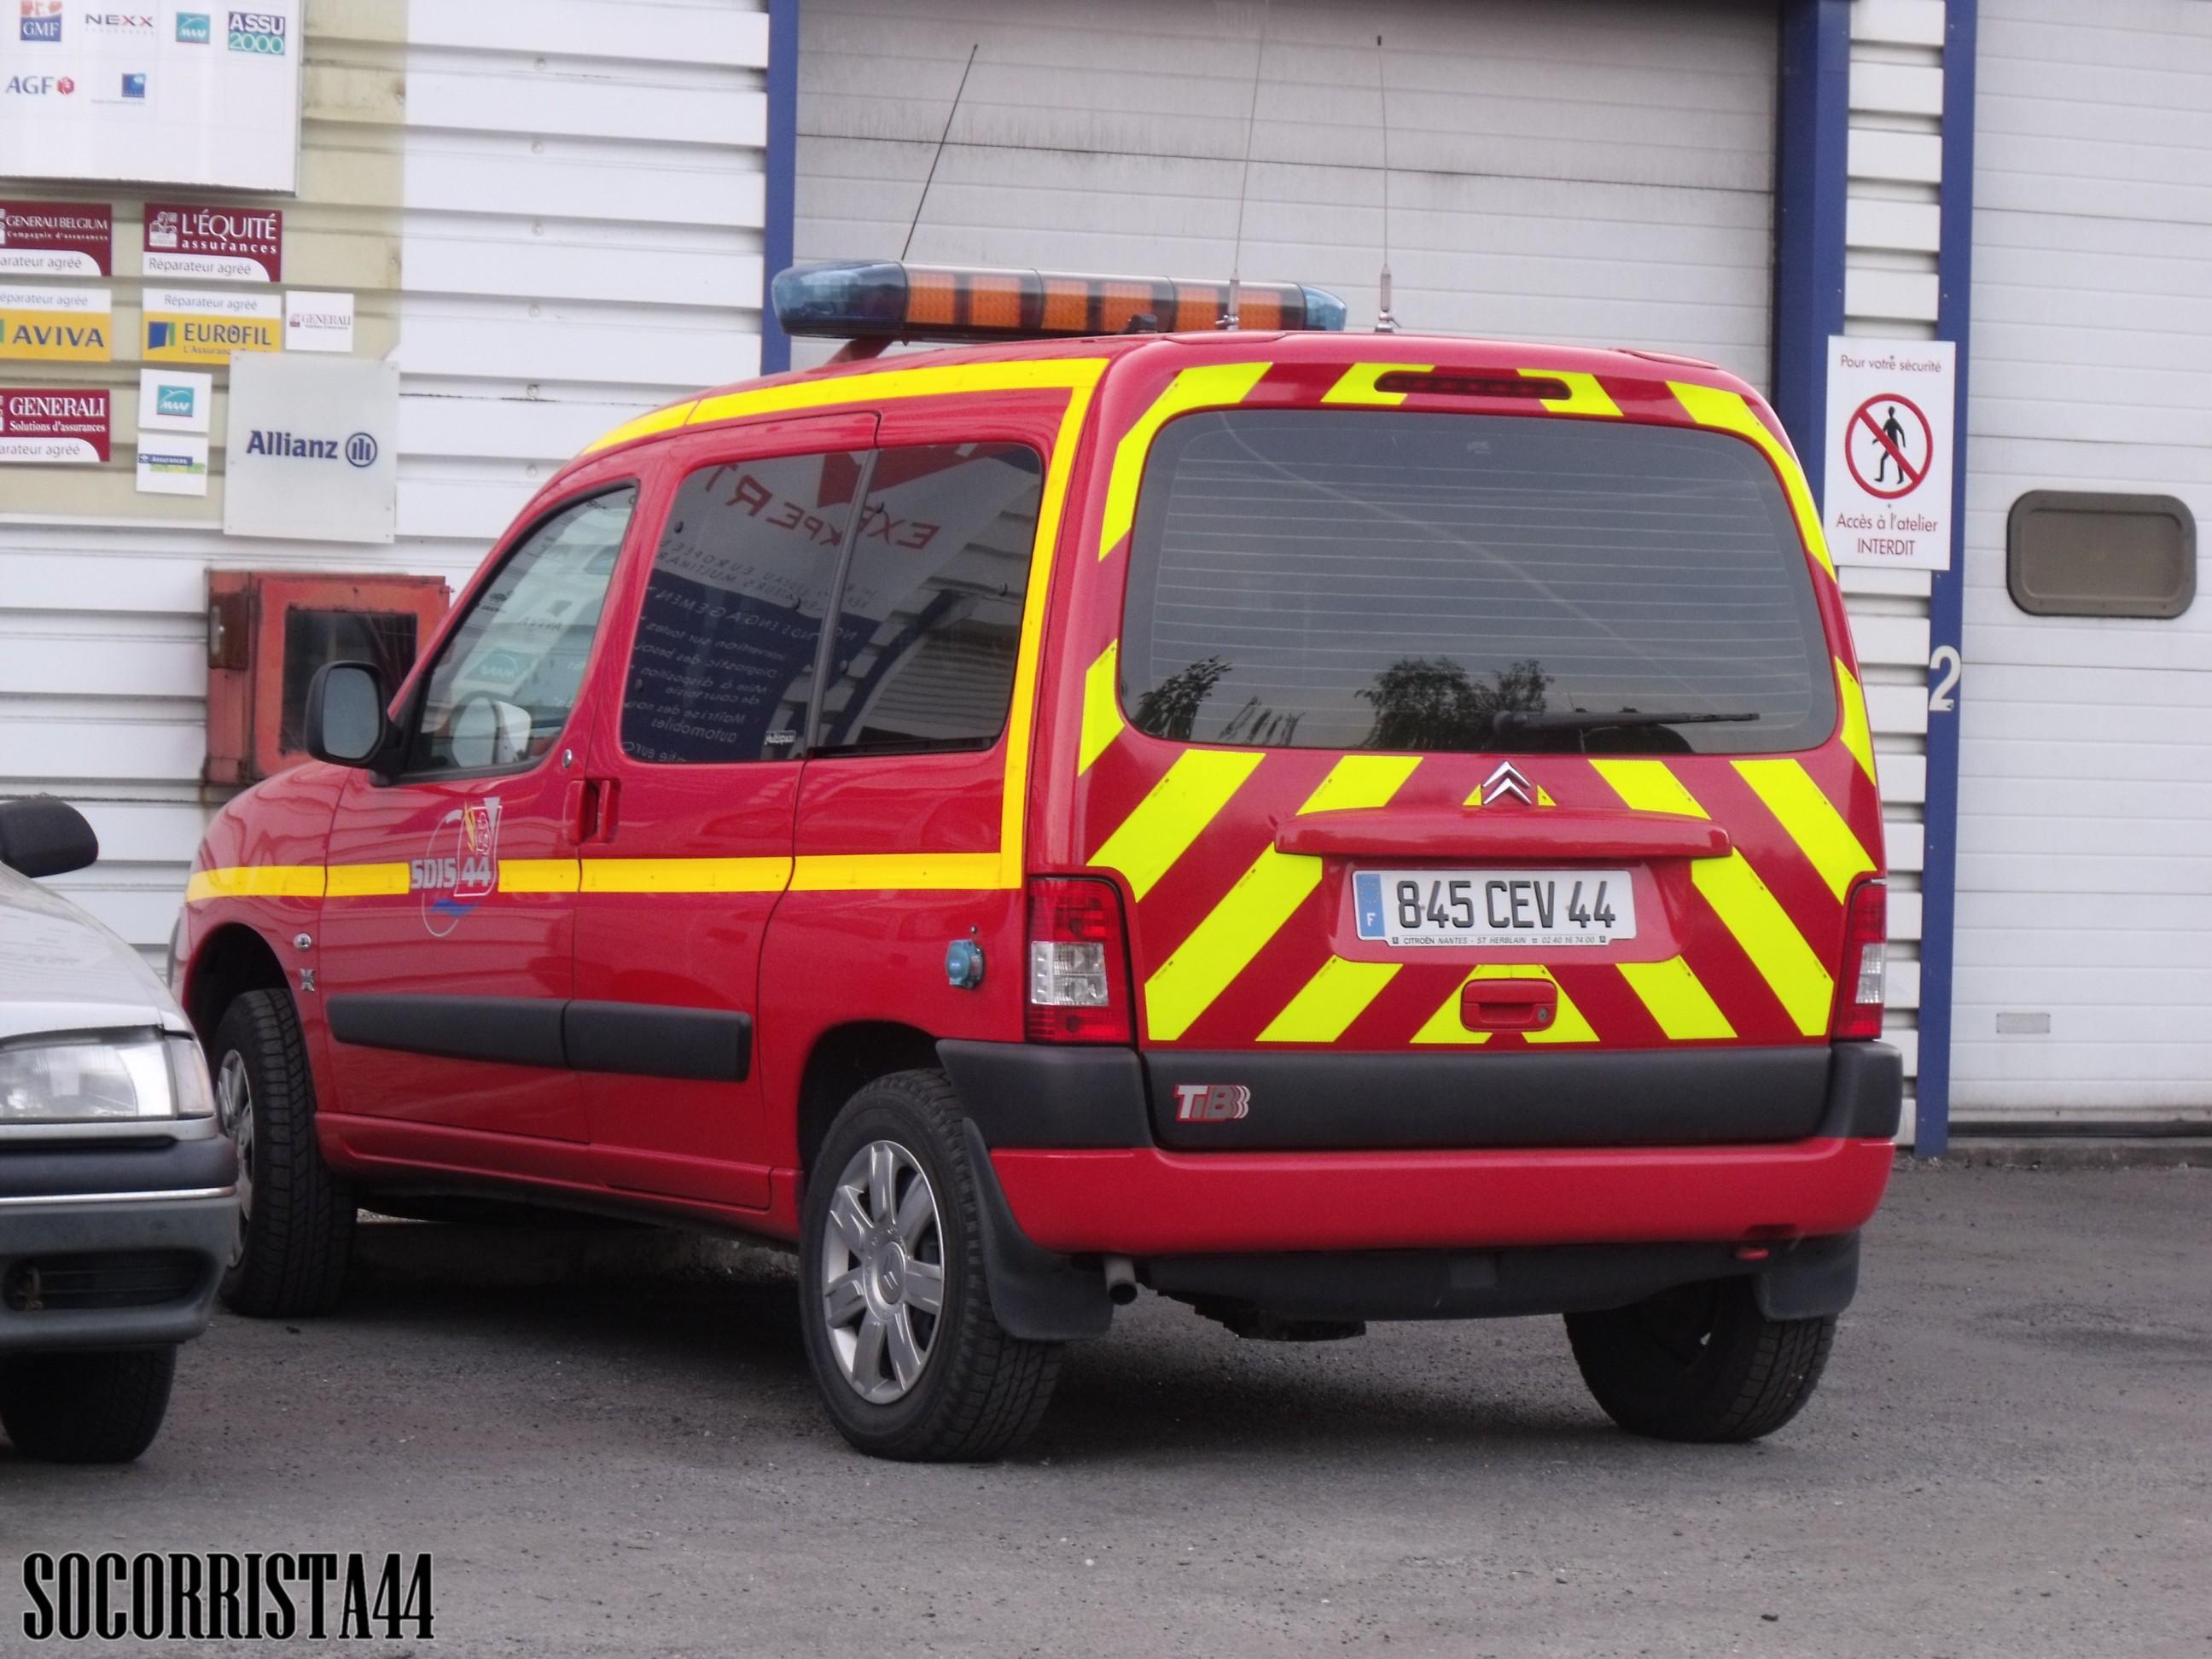 V hicules des pompiers fran ais page 771 auto titre for Garage auto fresnes